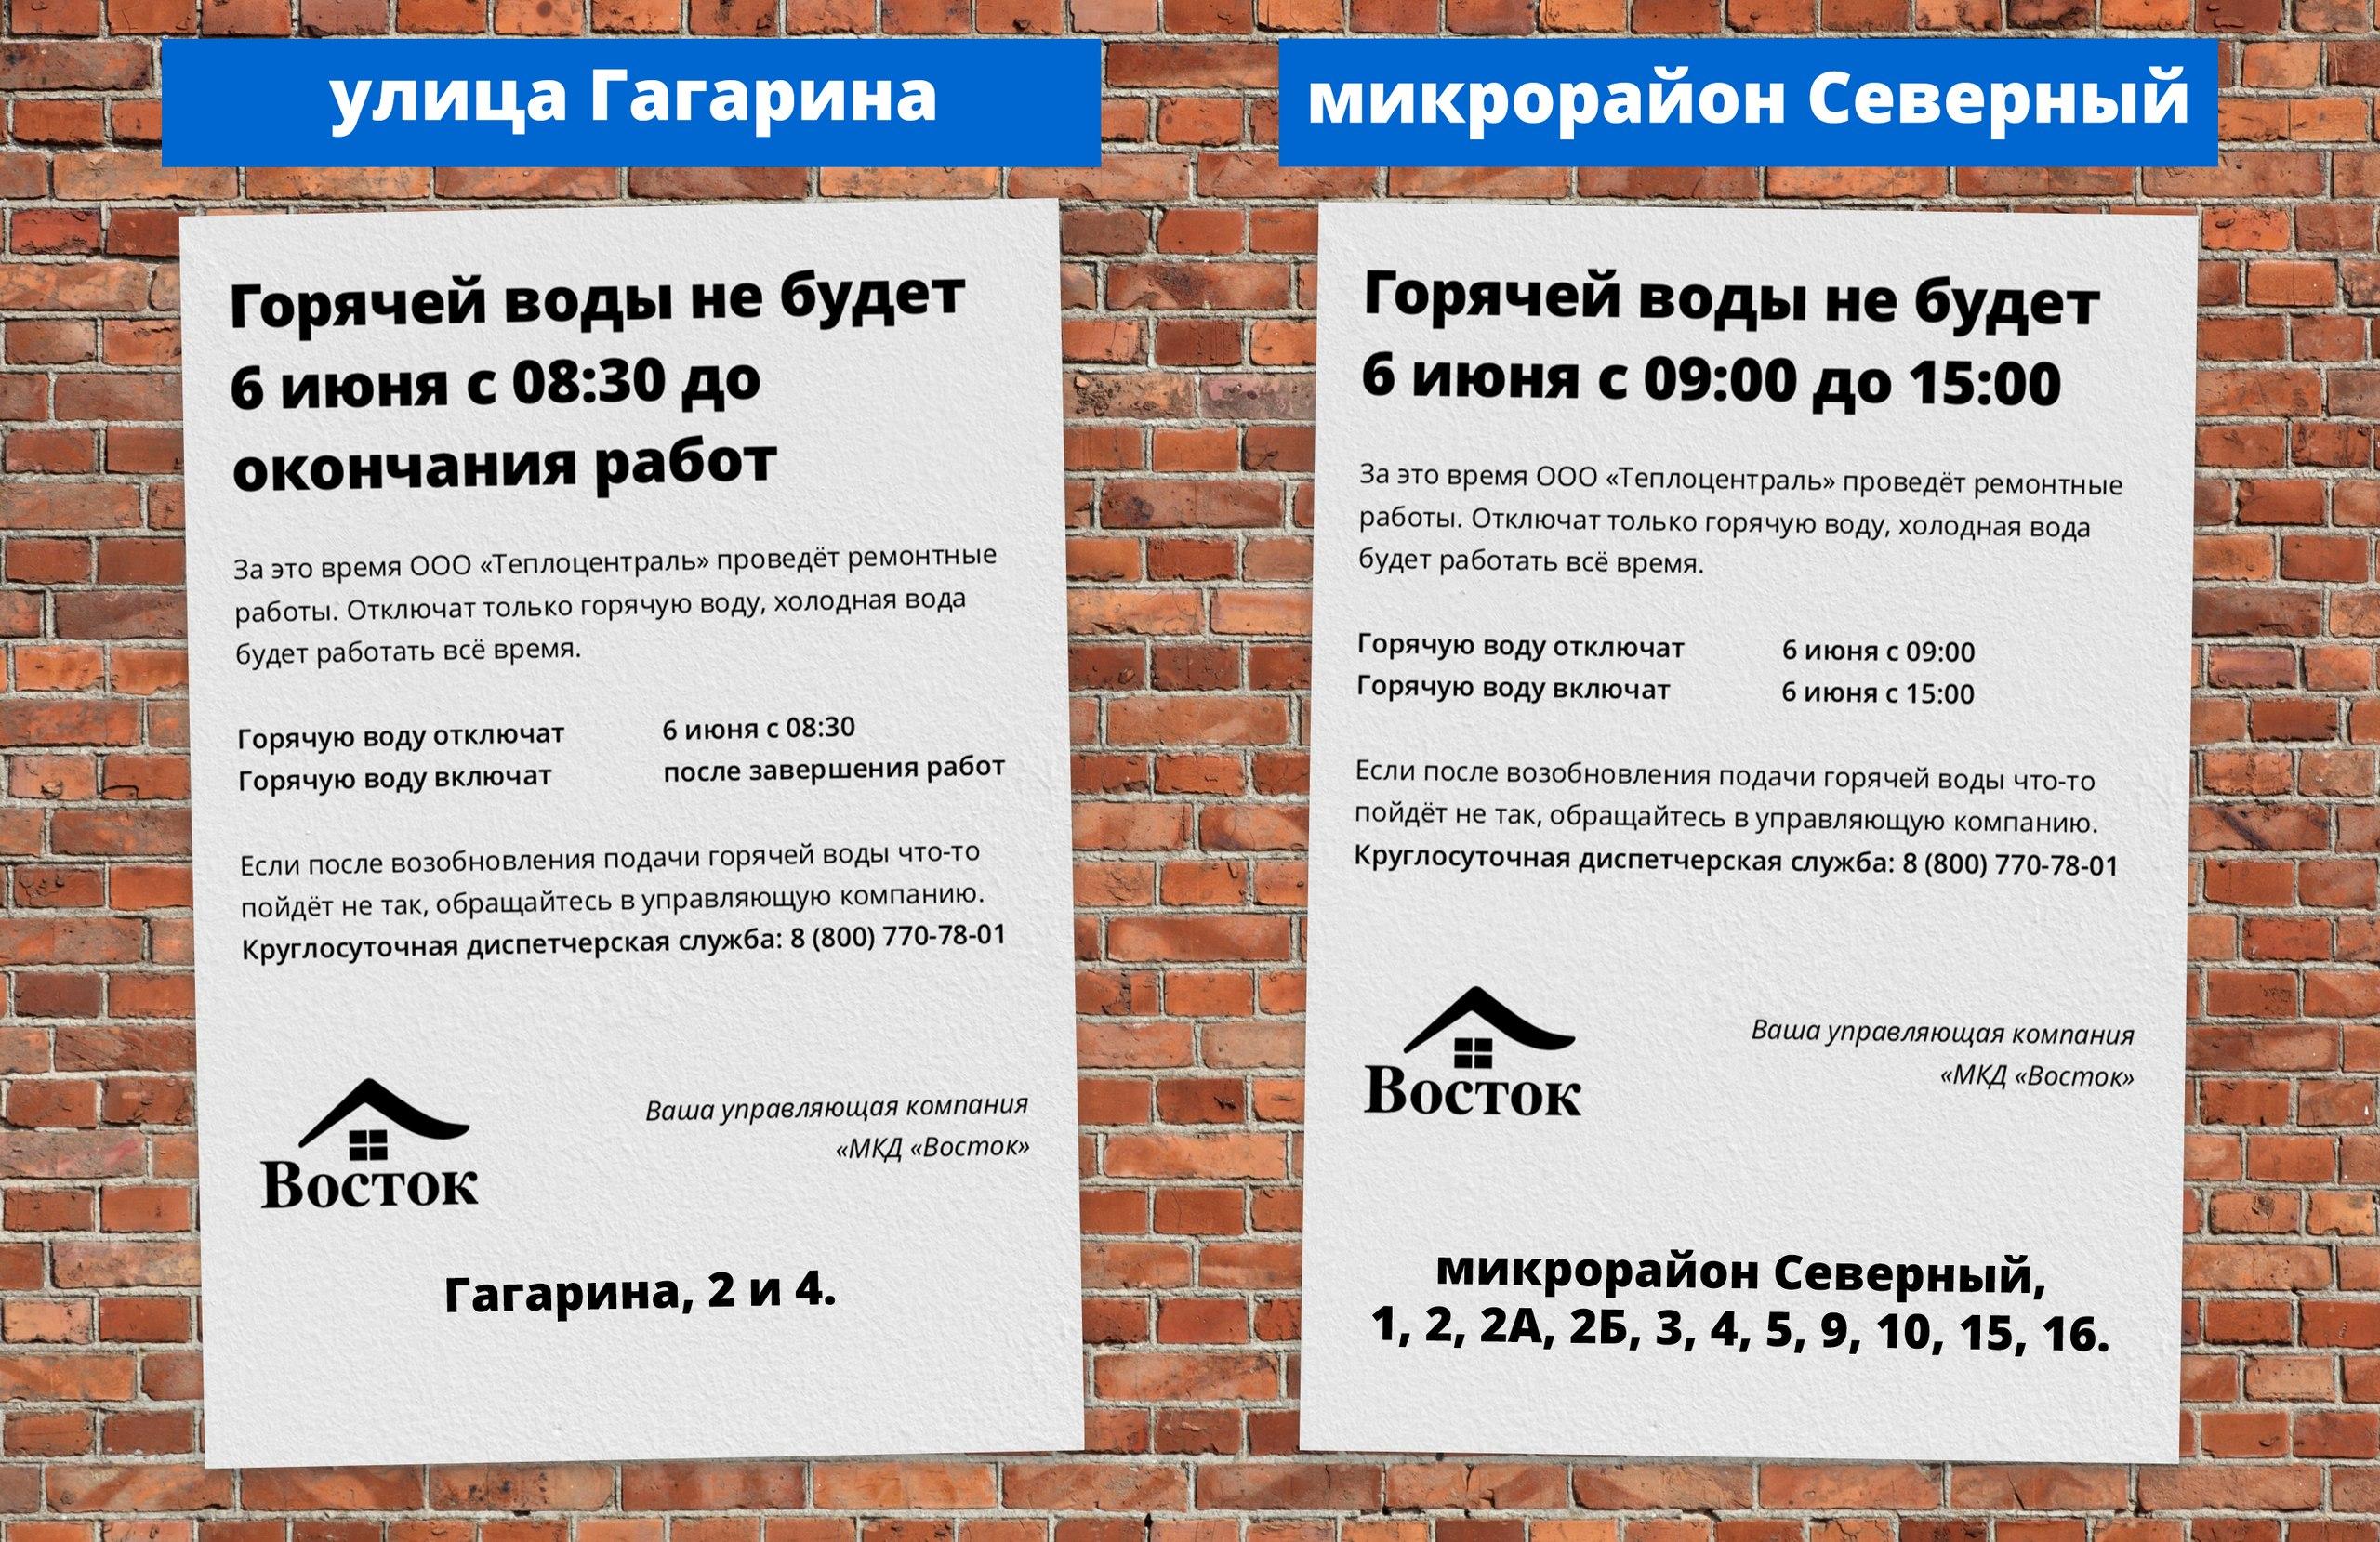 Отключение горячей воды в микрорайоне Северный и на Гагарина